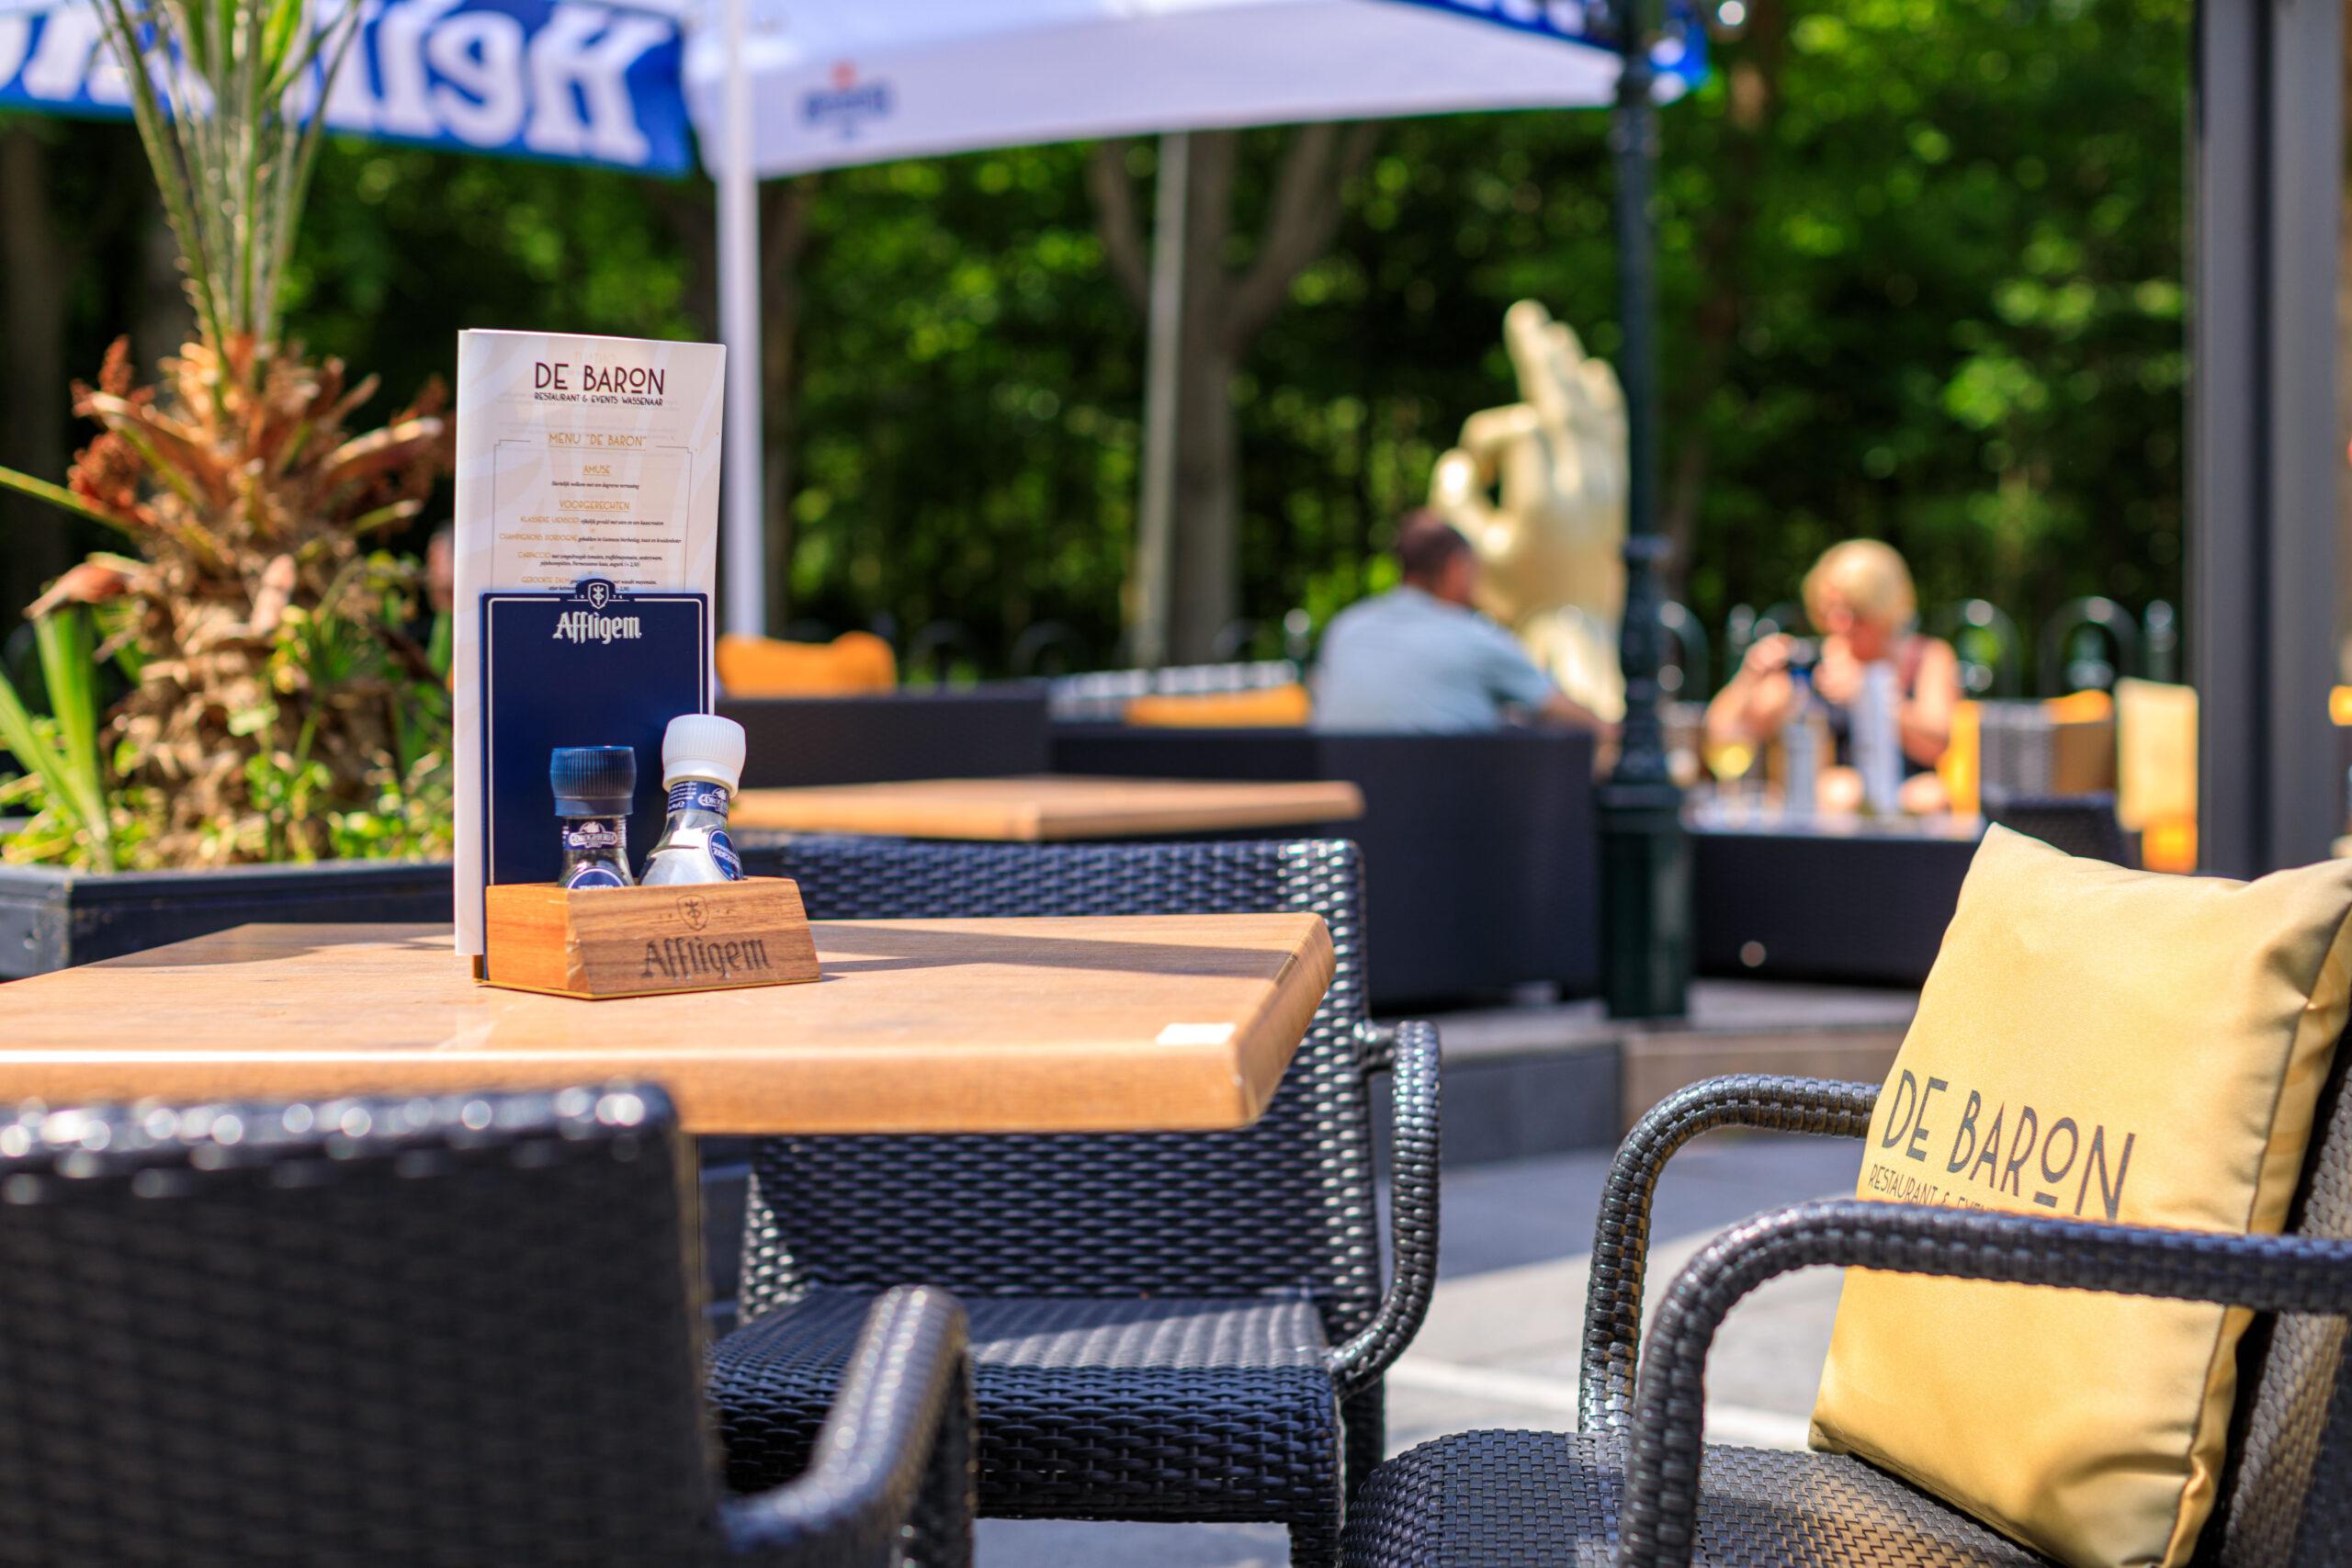 De Baron restaurant & events Wassenaar Terras Tafel